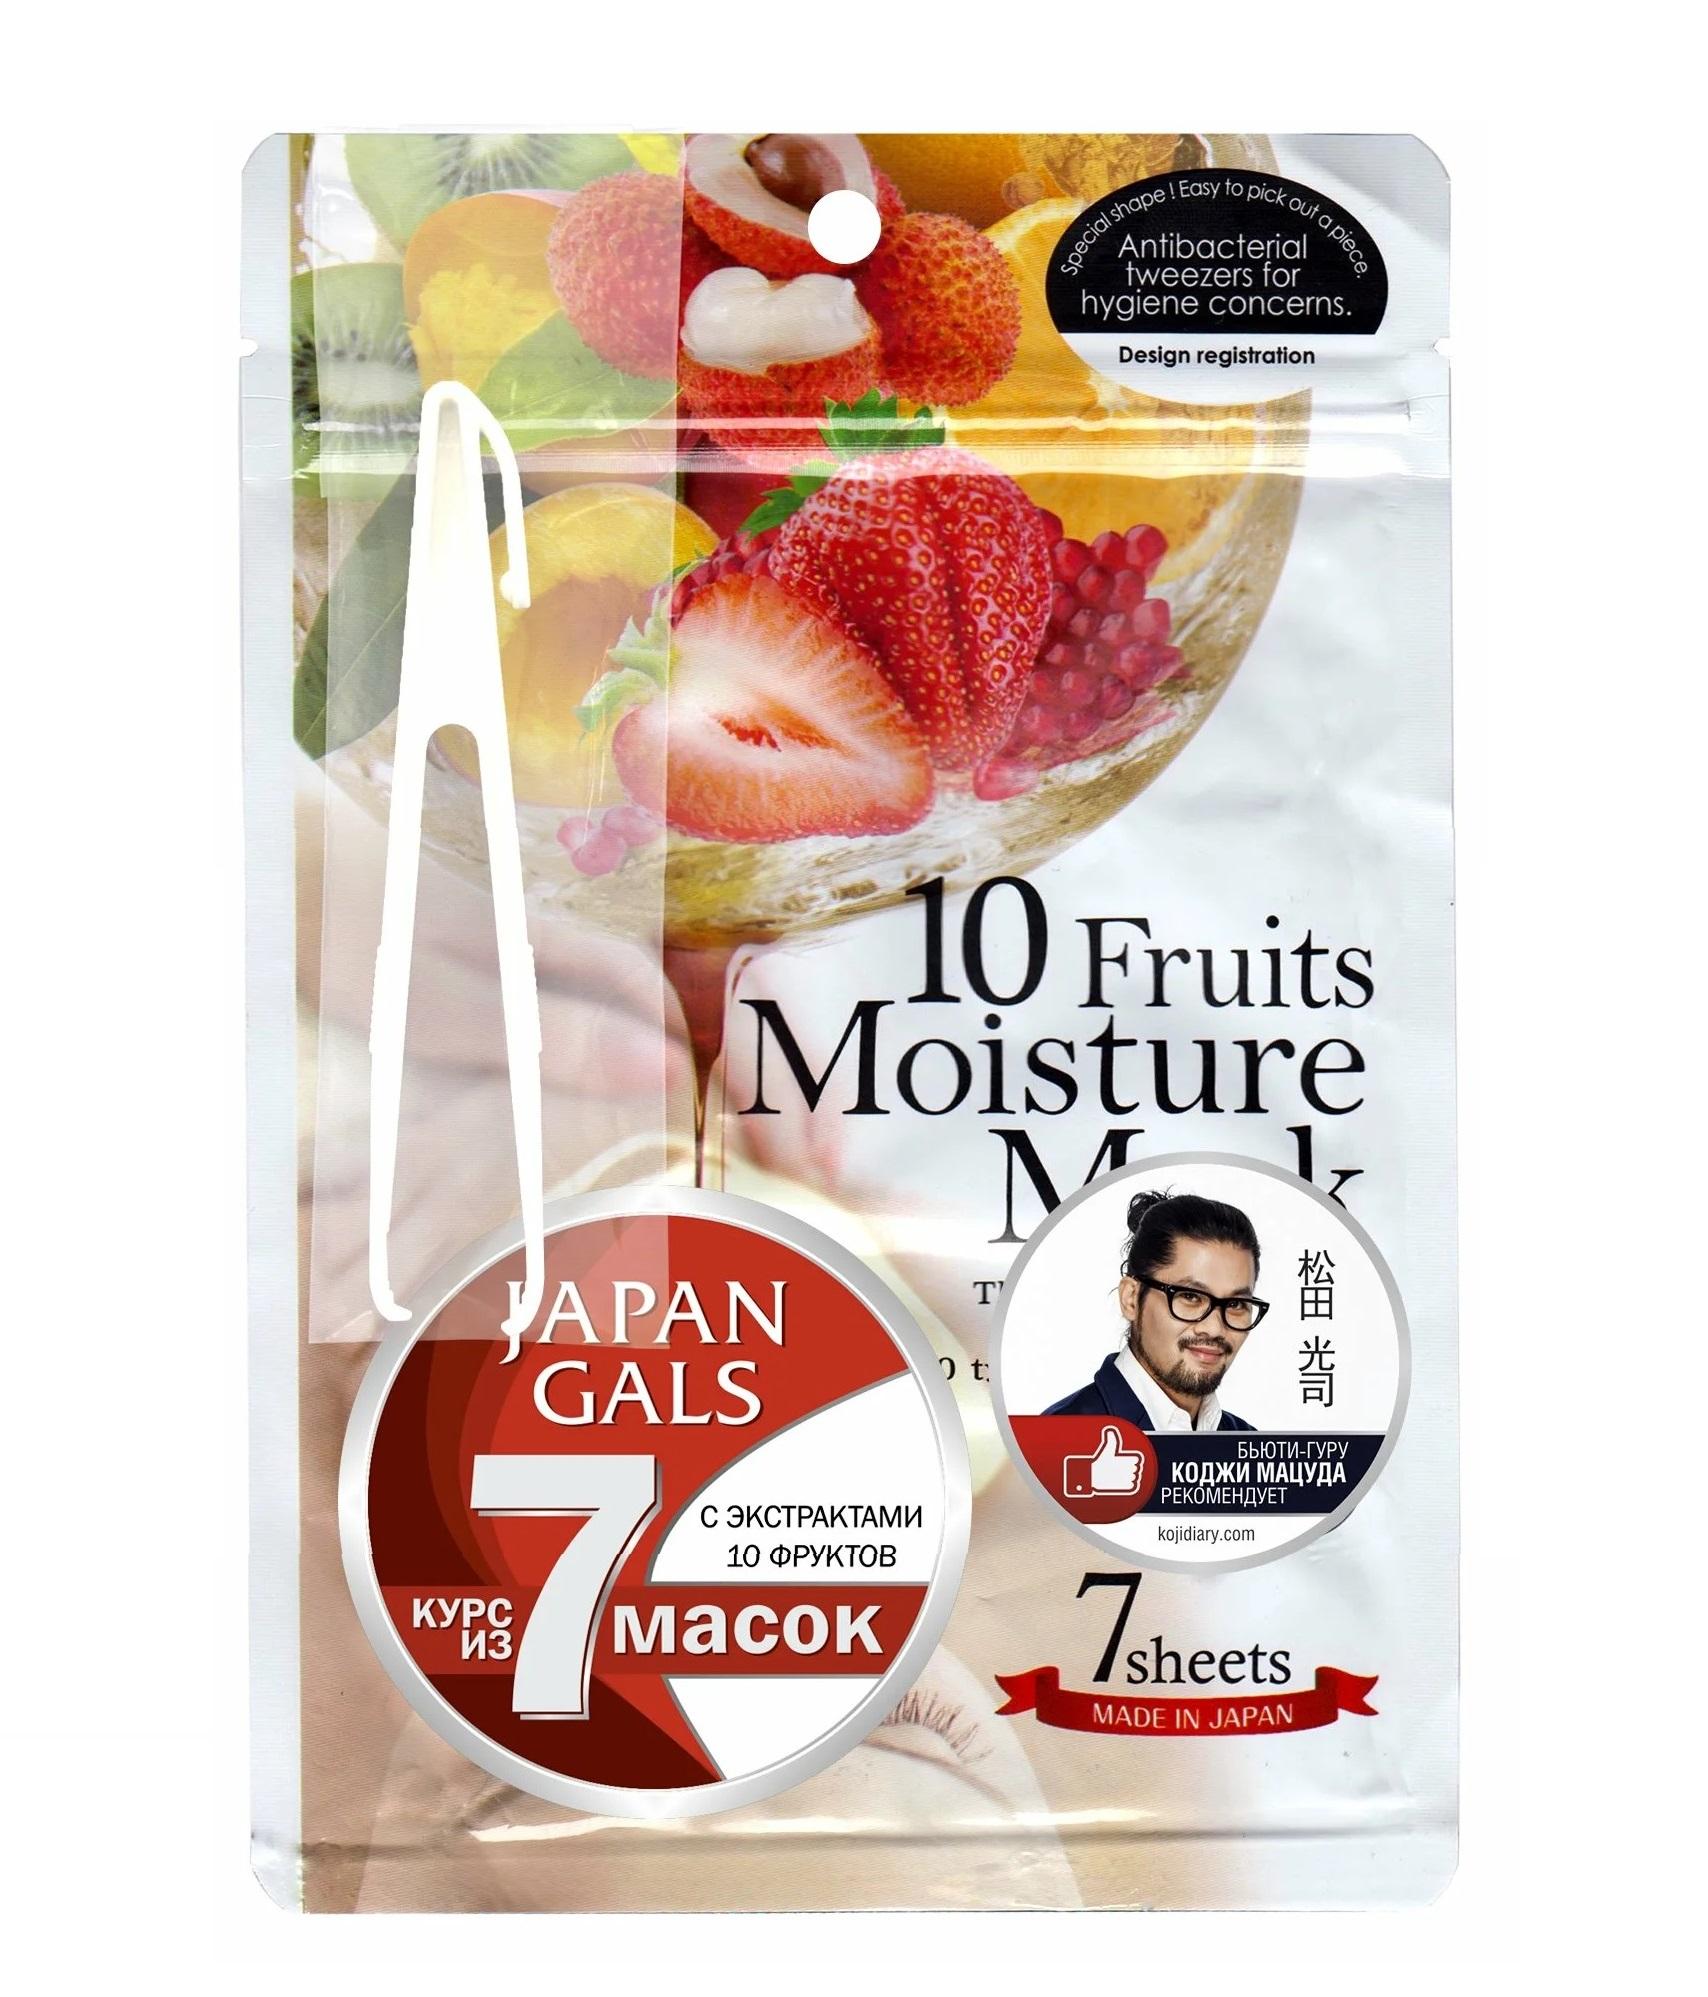 JAPAN GALS Маска с экстрактами 10 фруктов / Pure Essence 7 шт